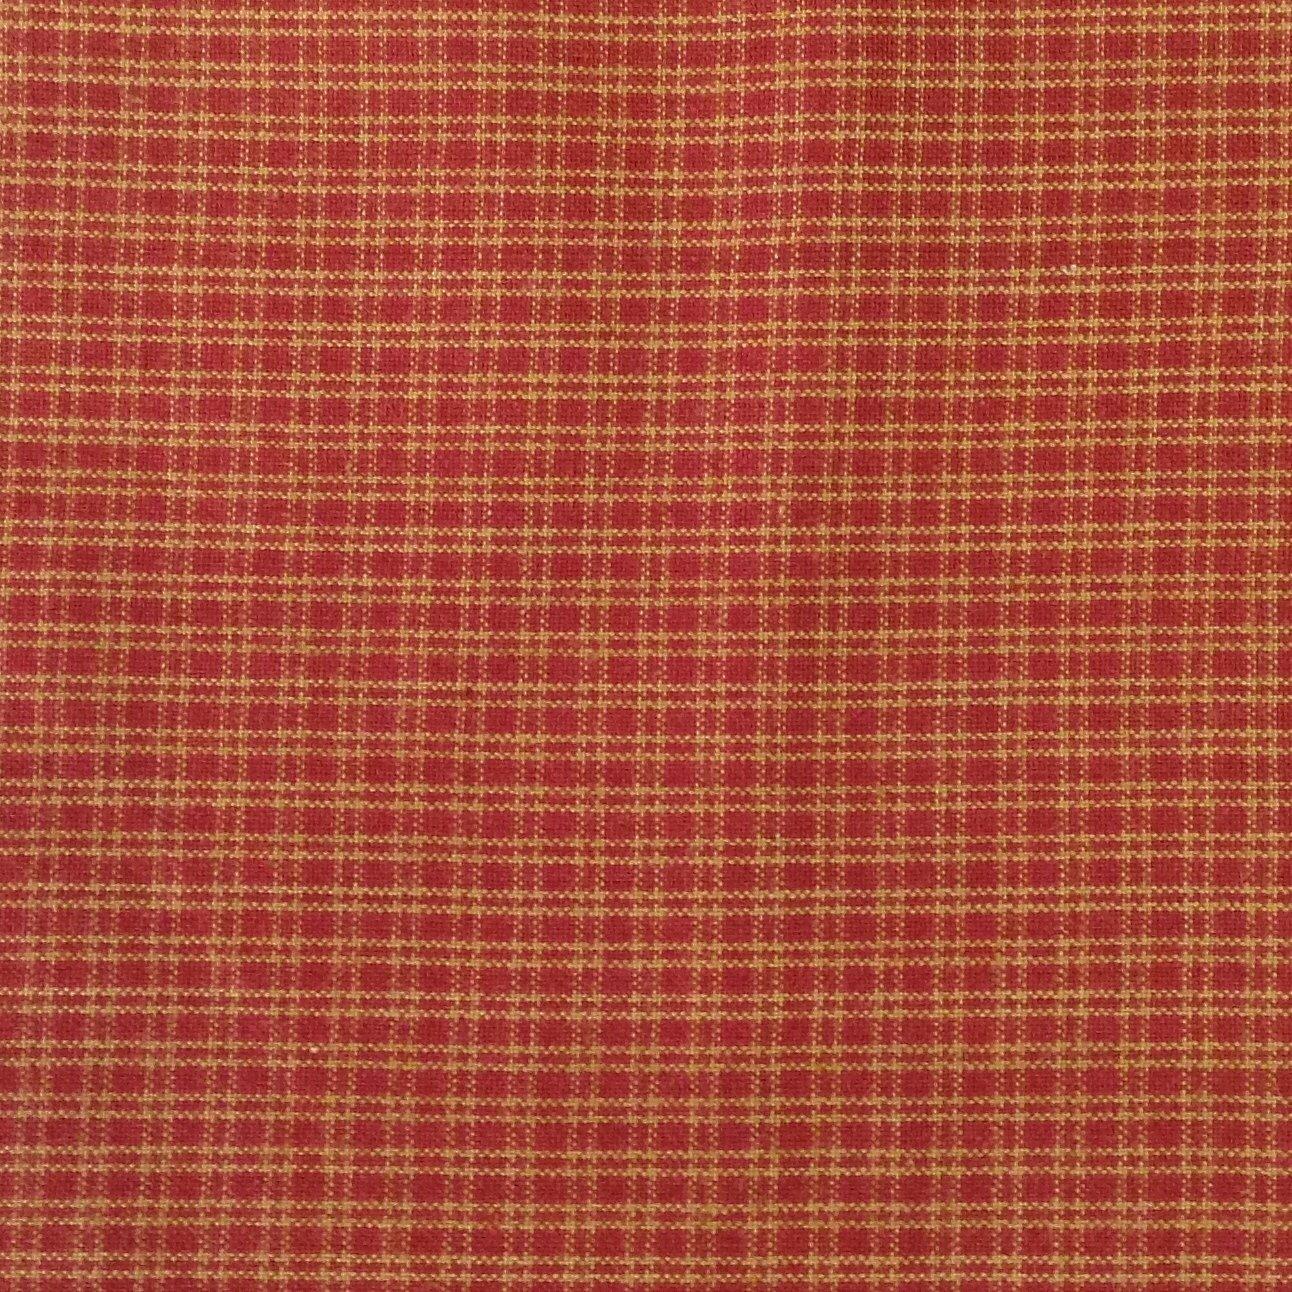 Prairie Wovens -  Pink Check